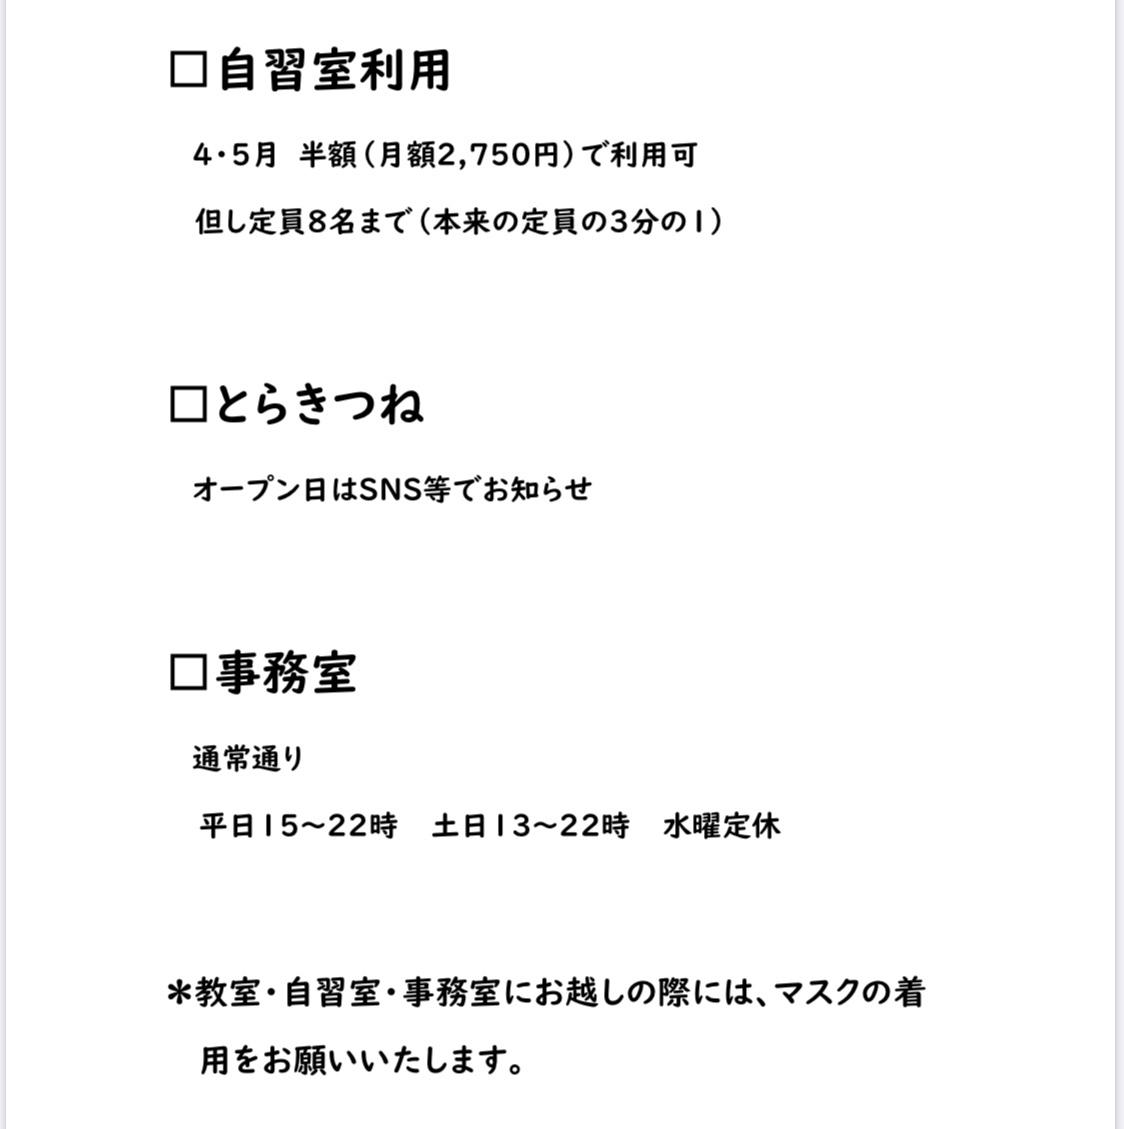 新年度の中学コース授業について【休校期間】_d0116009_02352568.jpg